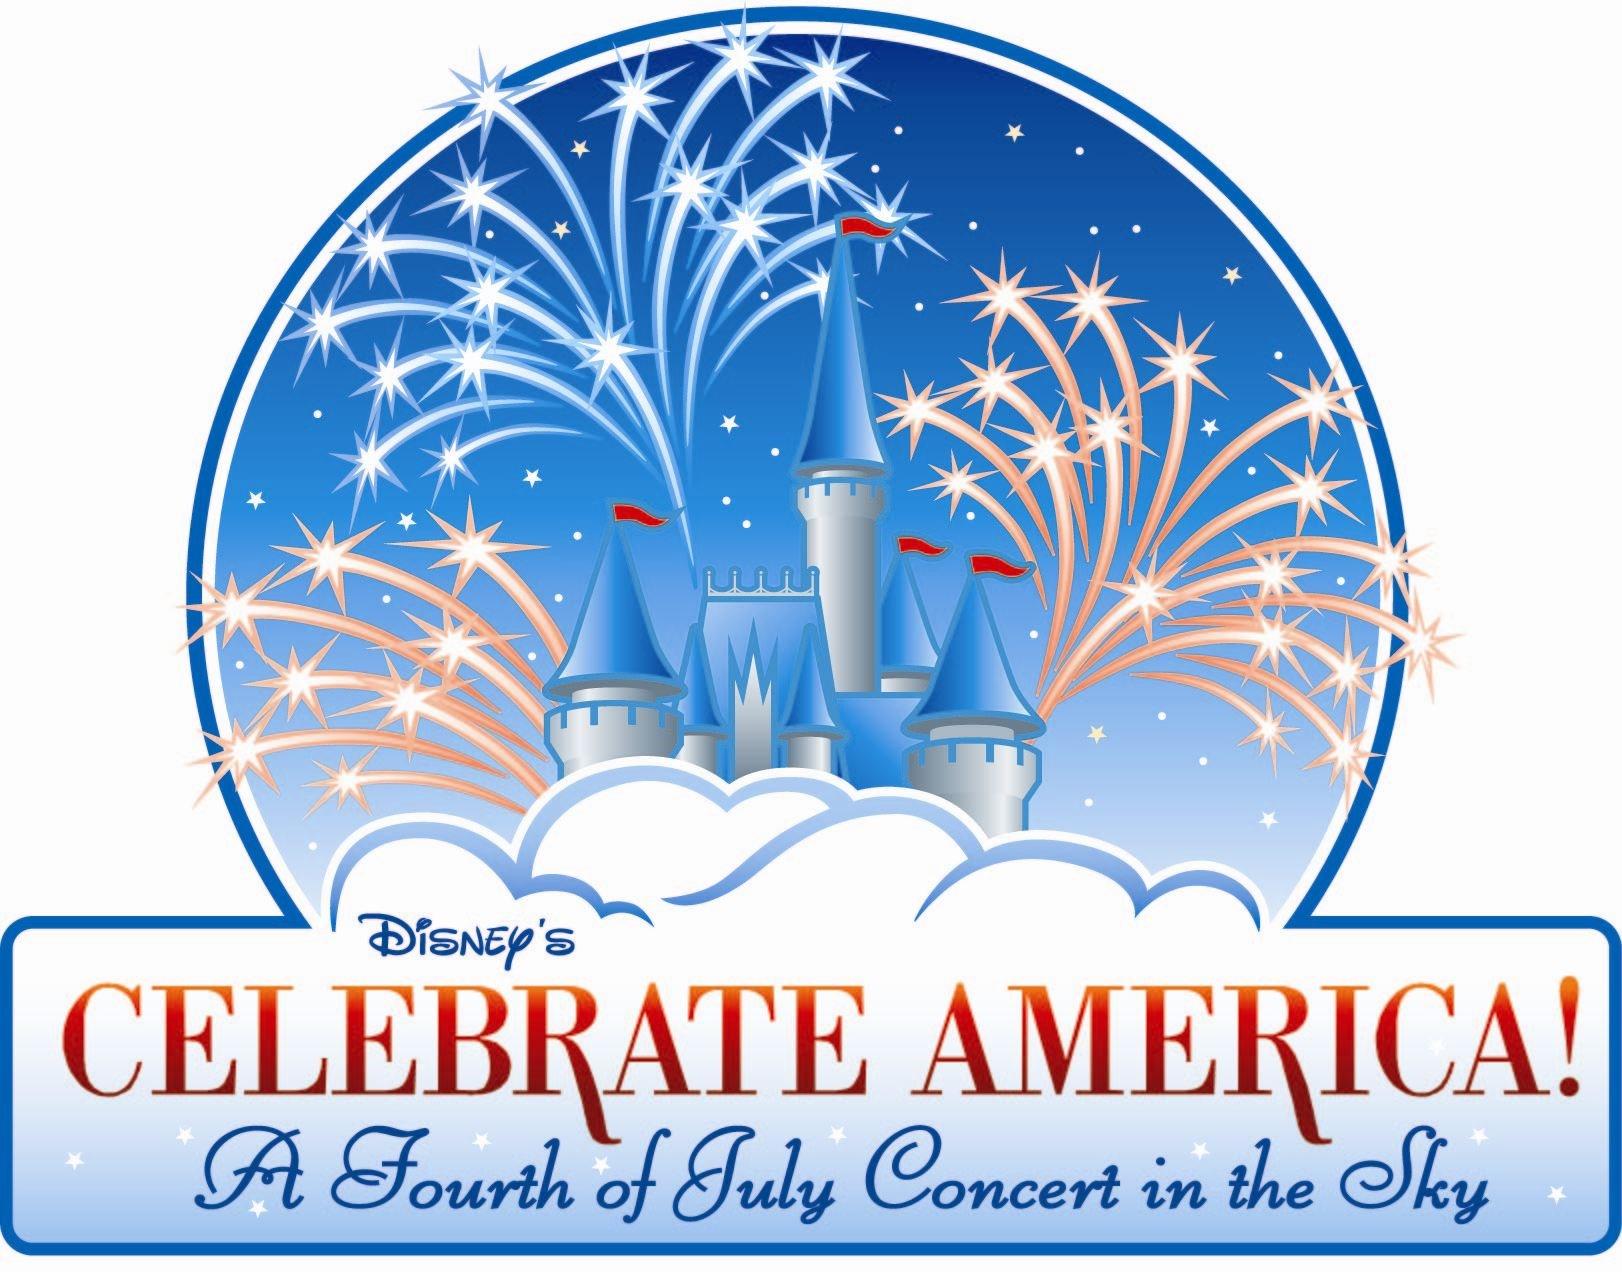 Disney's Celebrate America logo